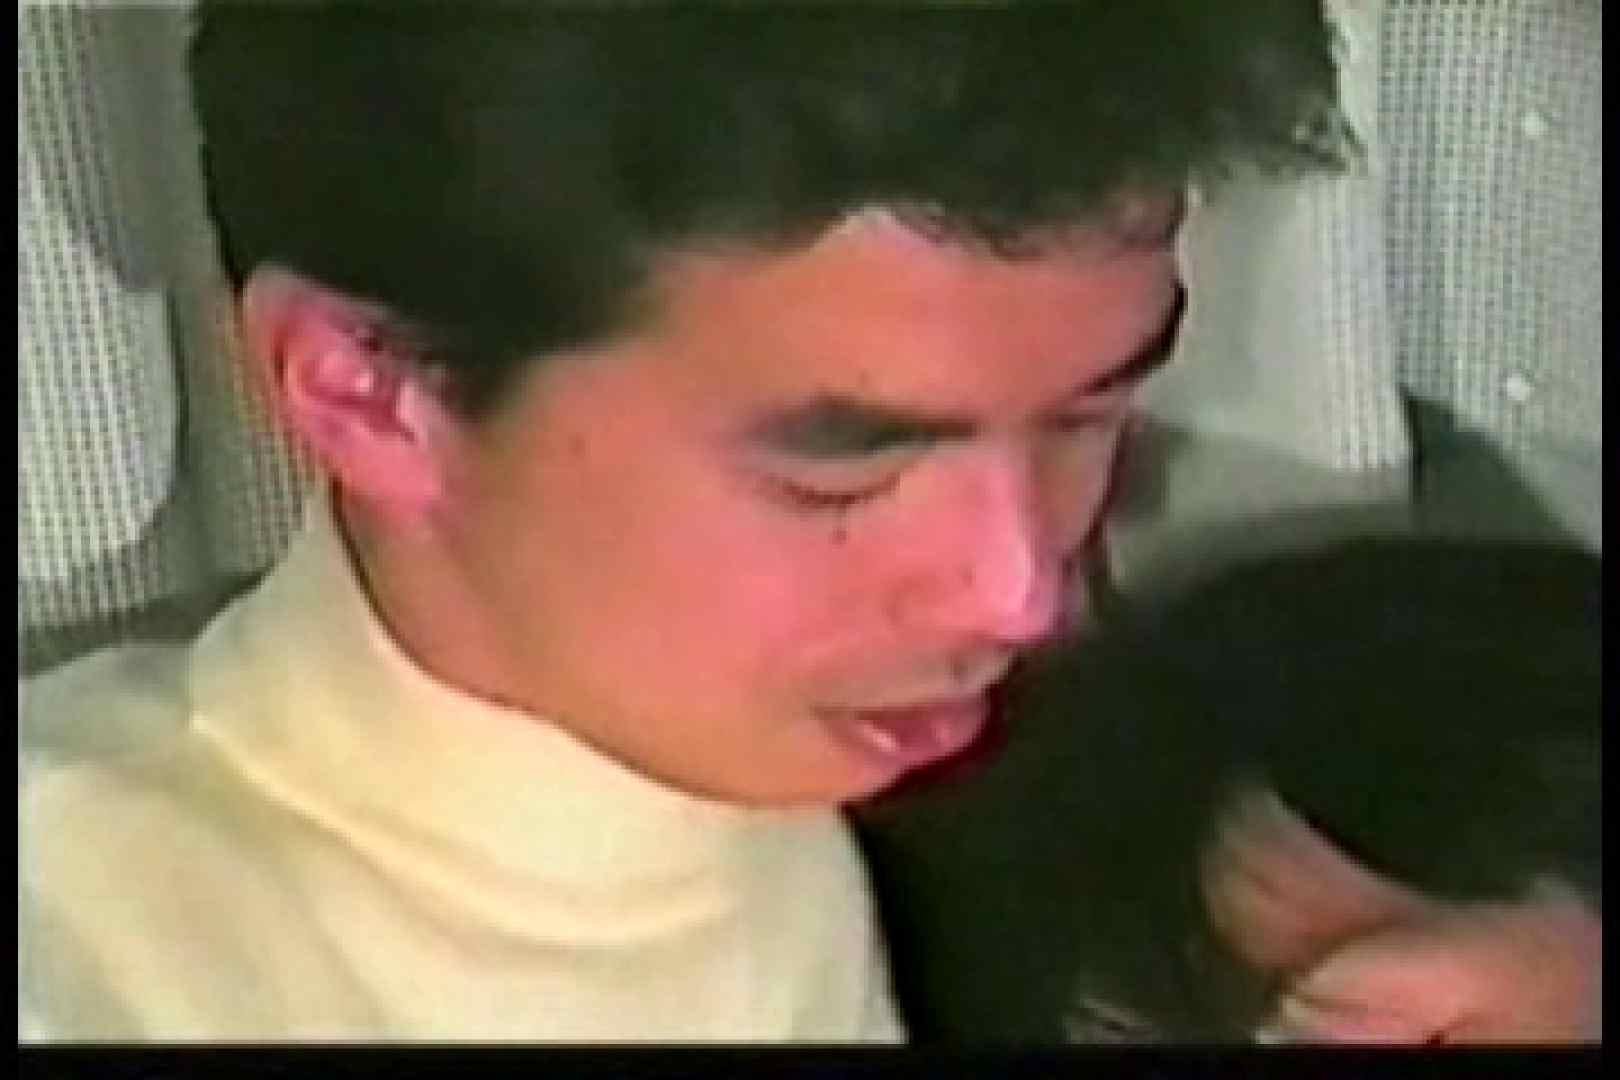 【流出投稿】若きあの頃の思ひでSEX! キス特集 ゲイアダルトビデオ画像 109枚 57